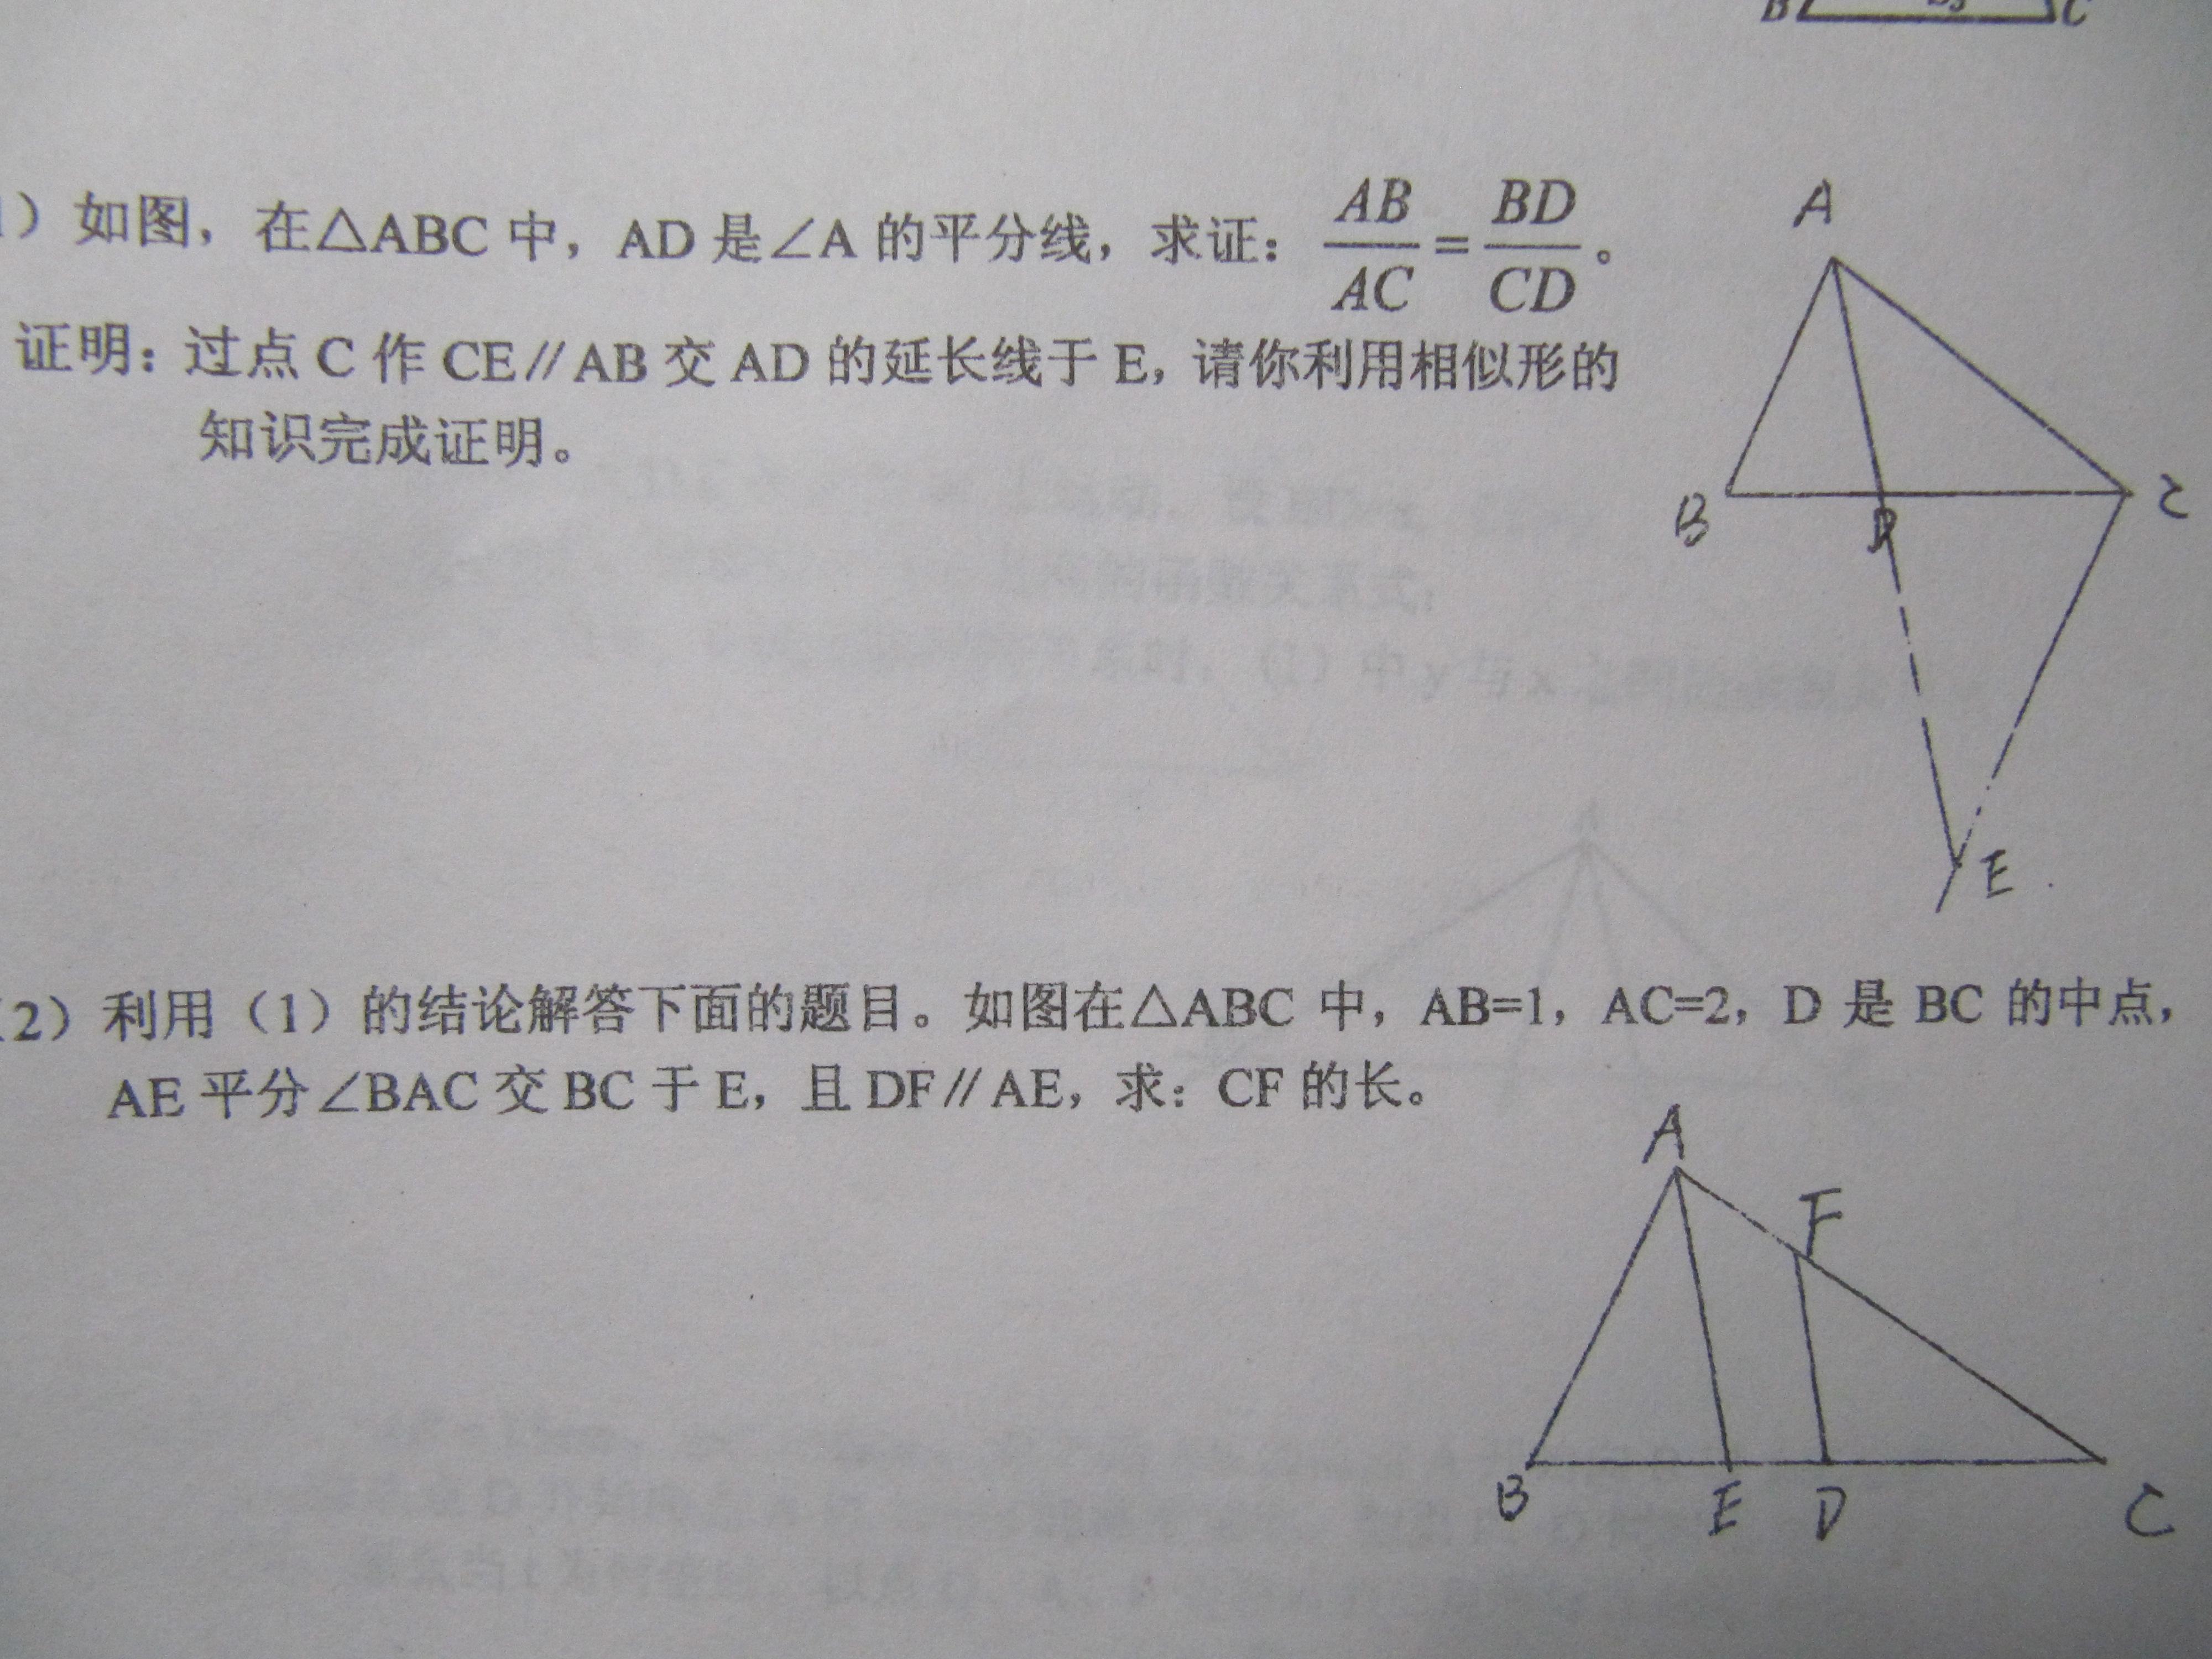 三角形的相似 这是一道题的两小问